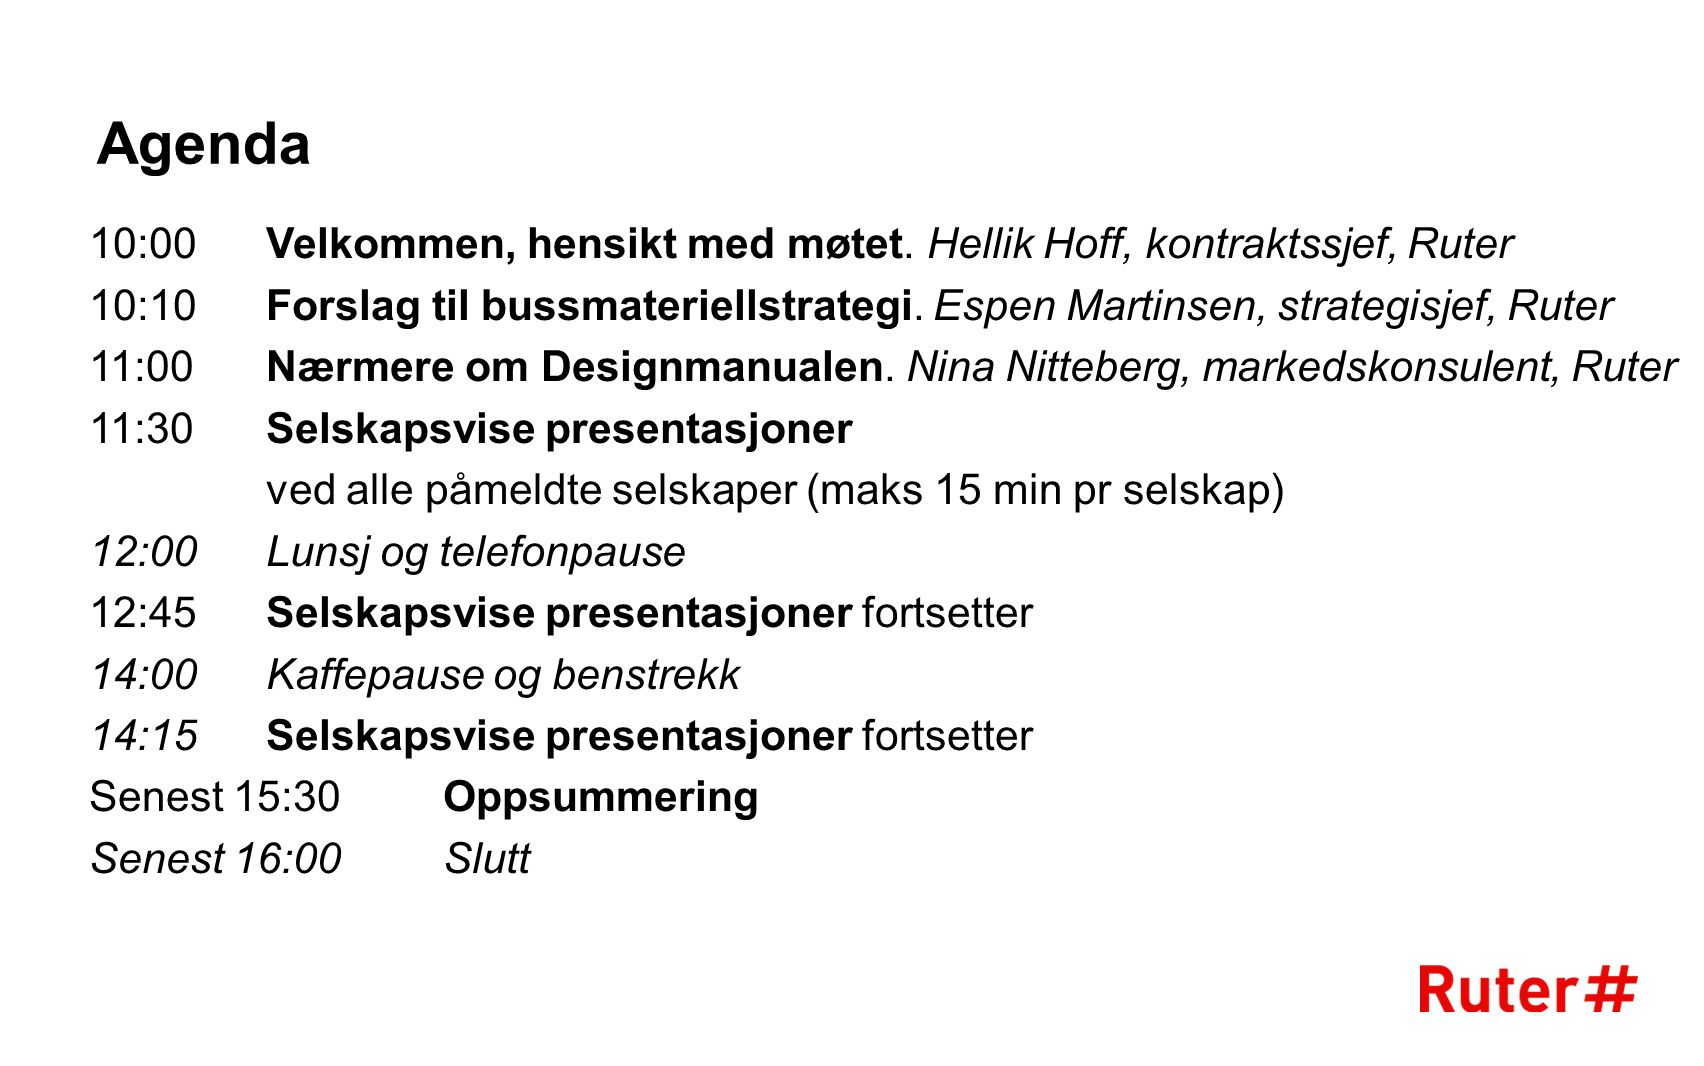 Agenda 10:00 Velkommen, hensikt med møtet. Hellik Hoff, kontraktssjef, Ruter.